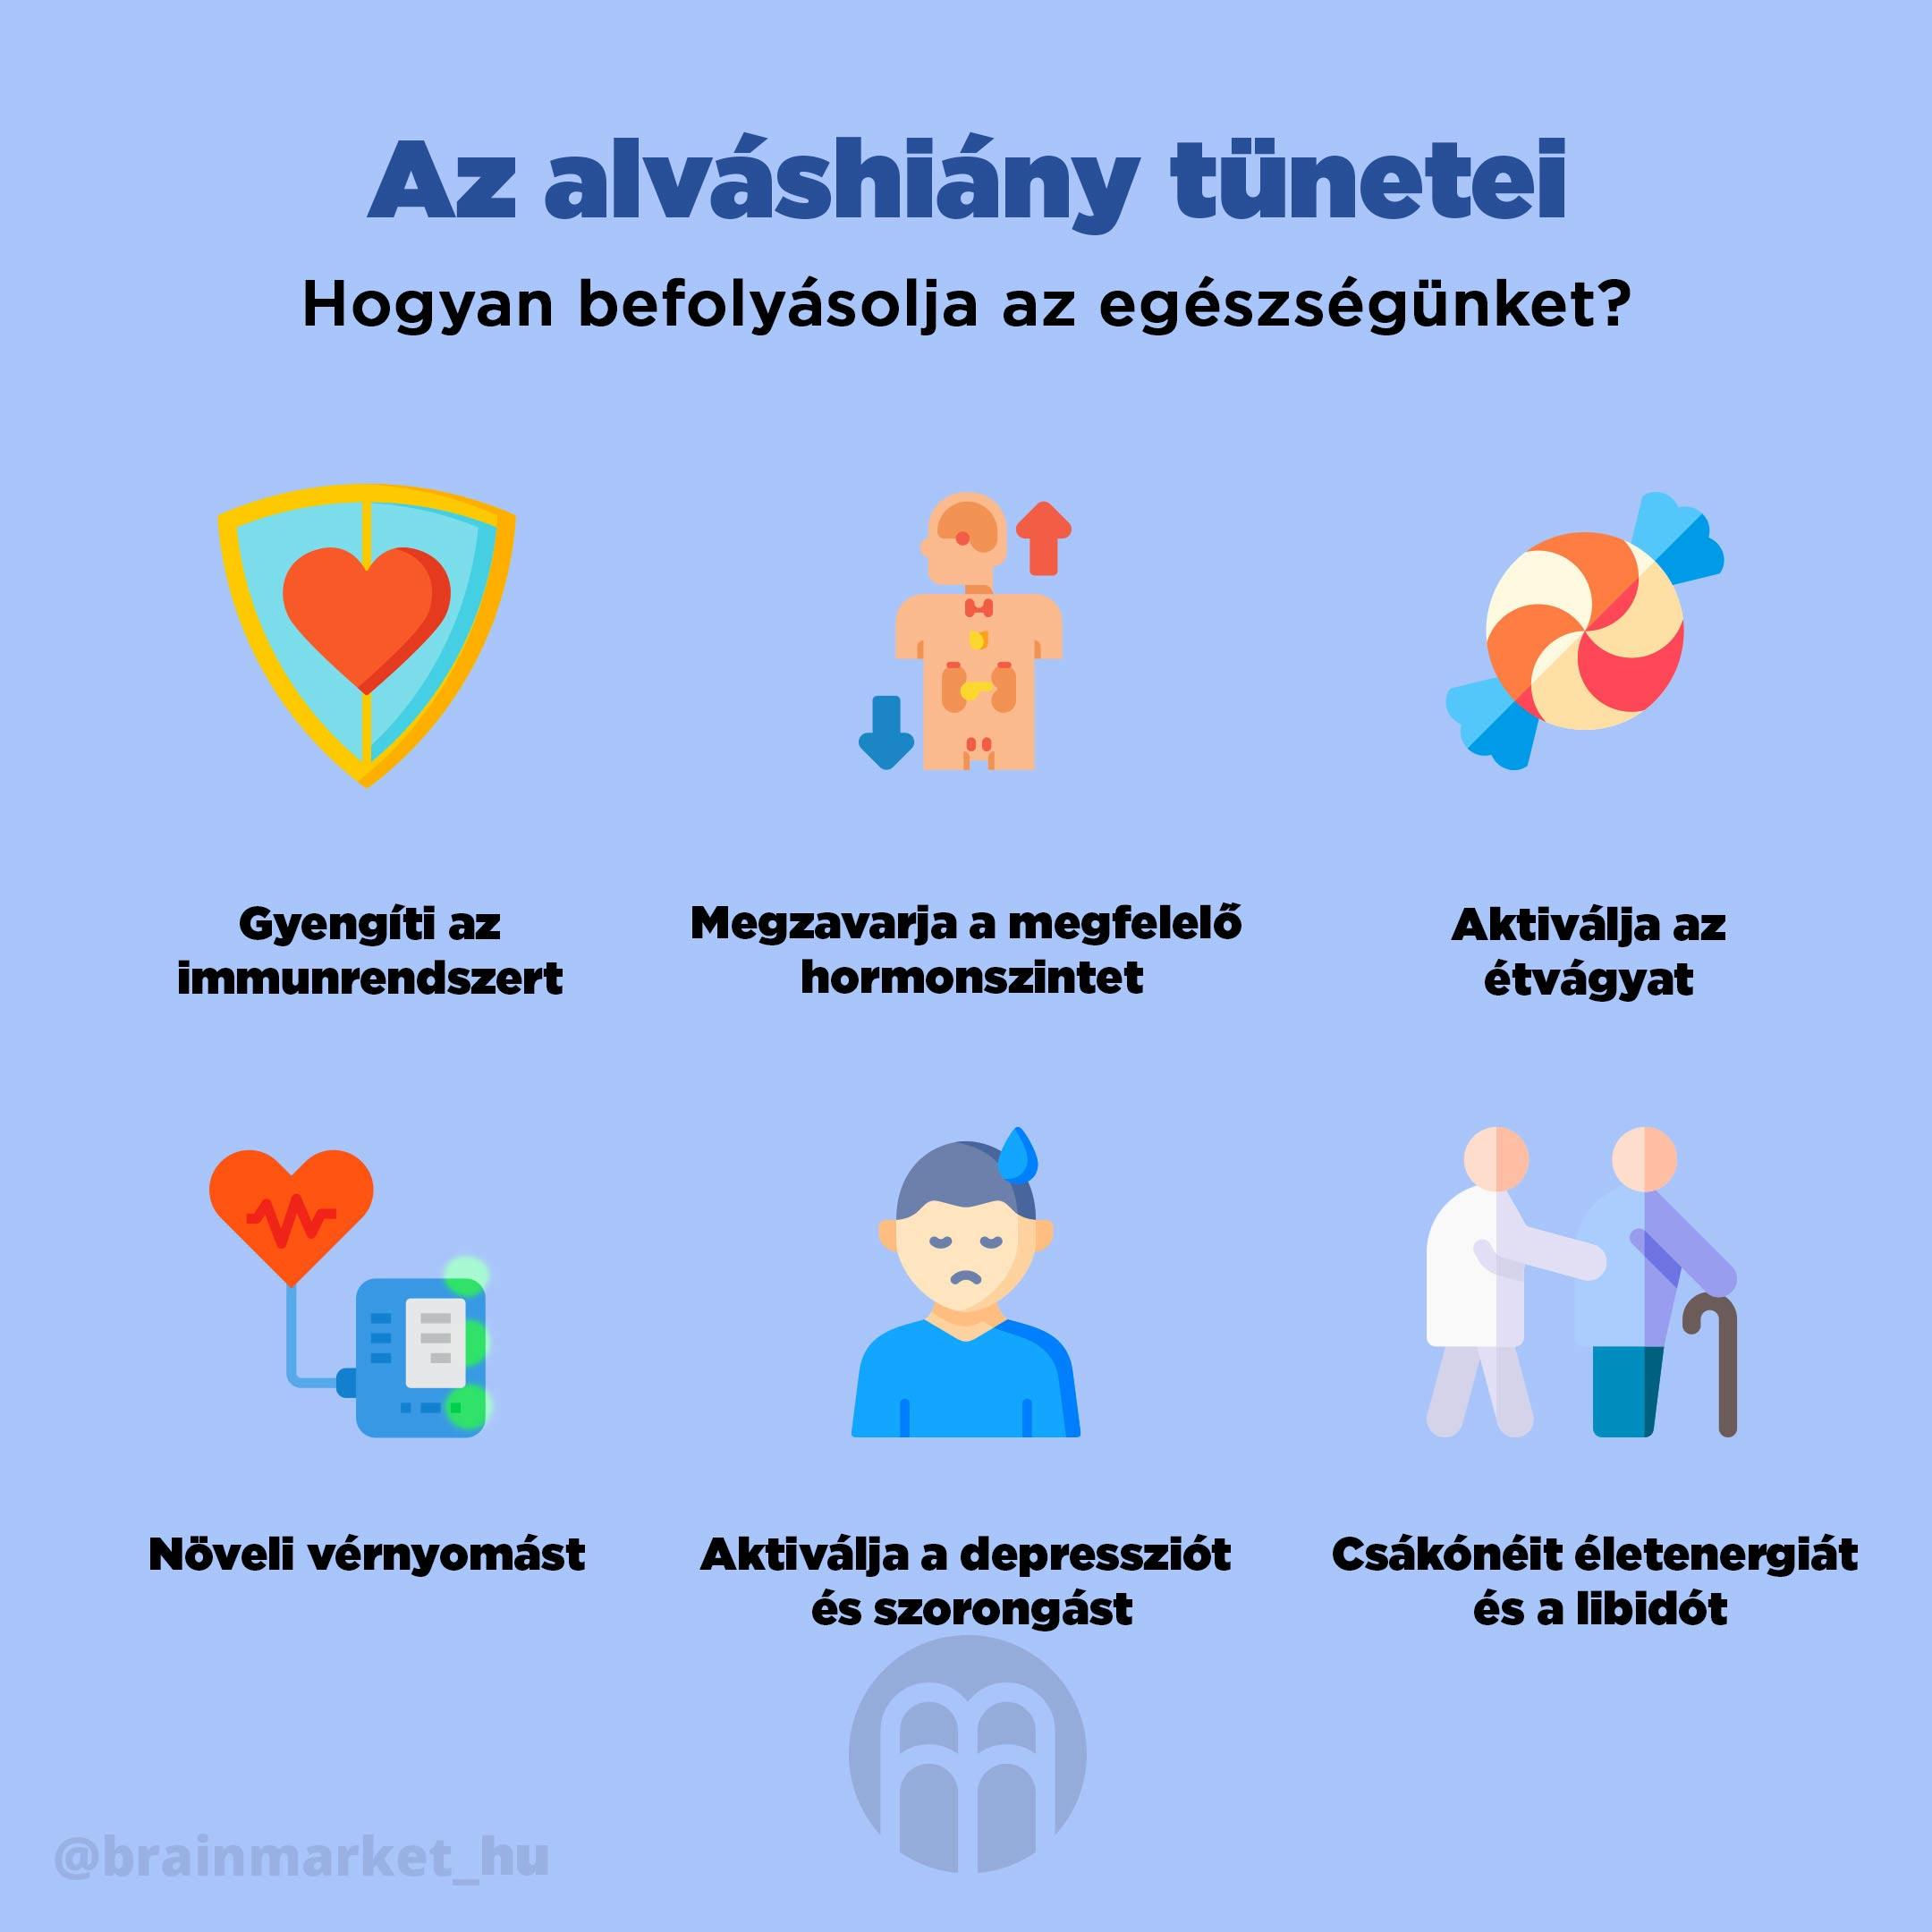 priznaky_nedostatku_spanku_infografika_brainmarket_hu